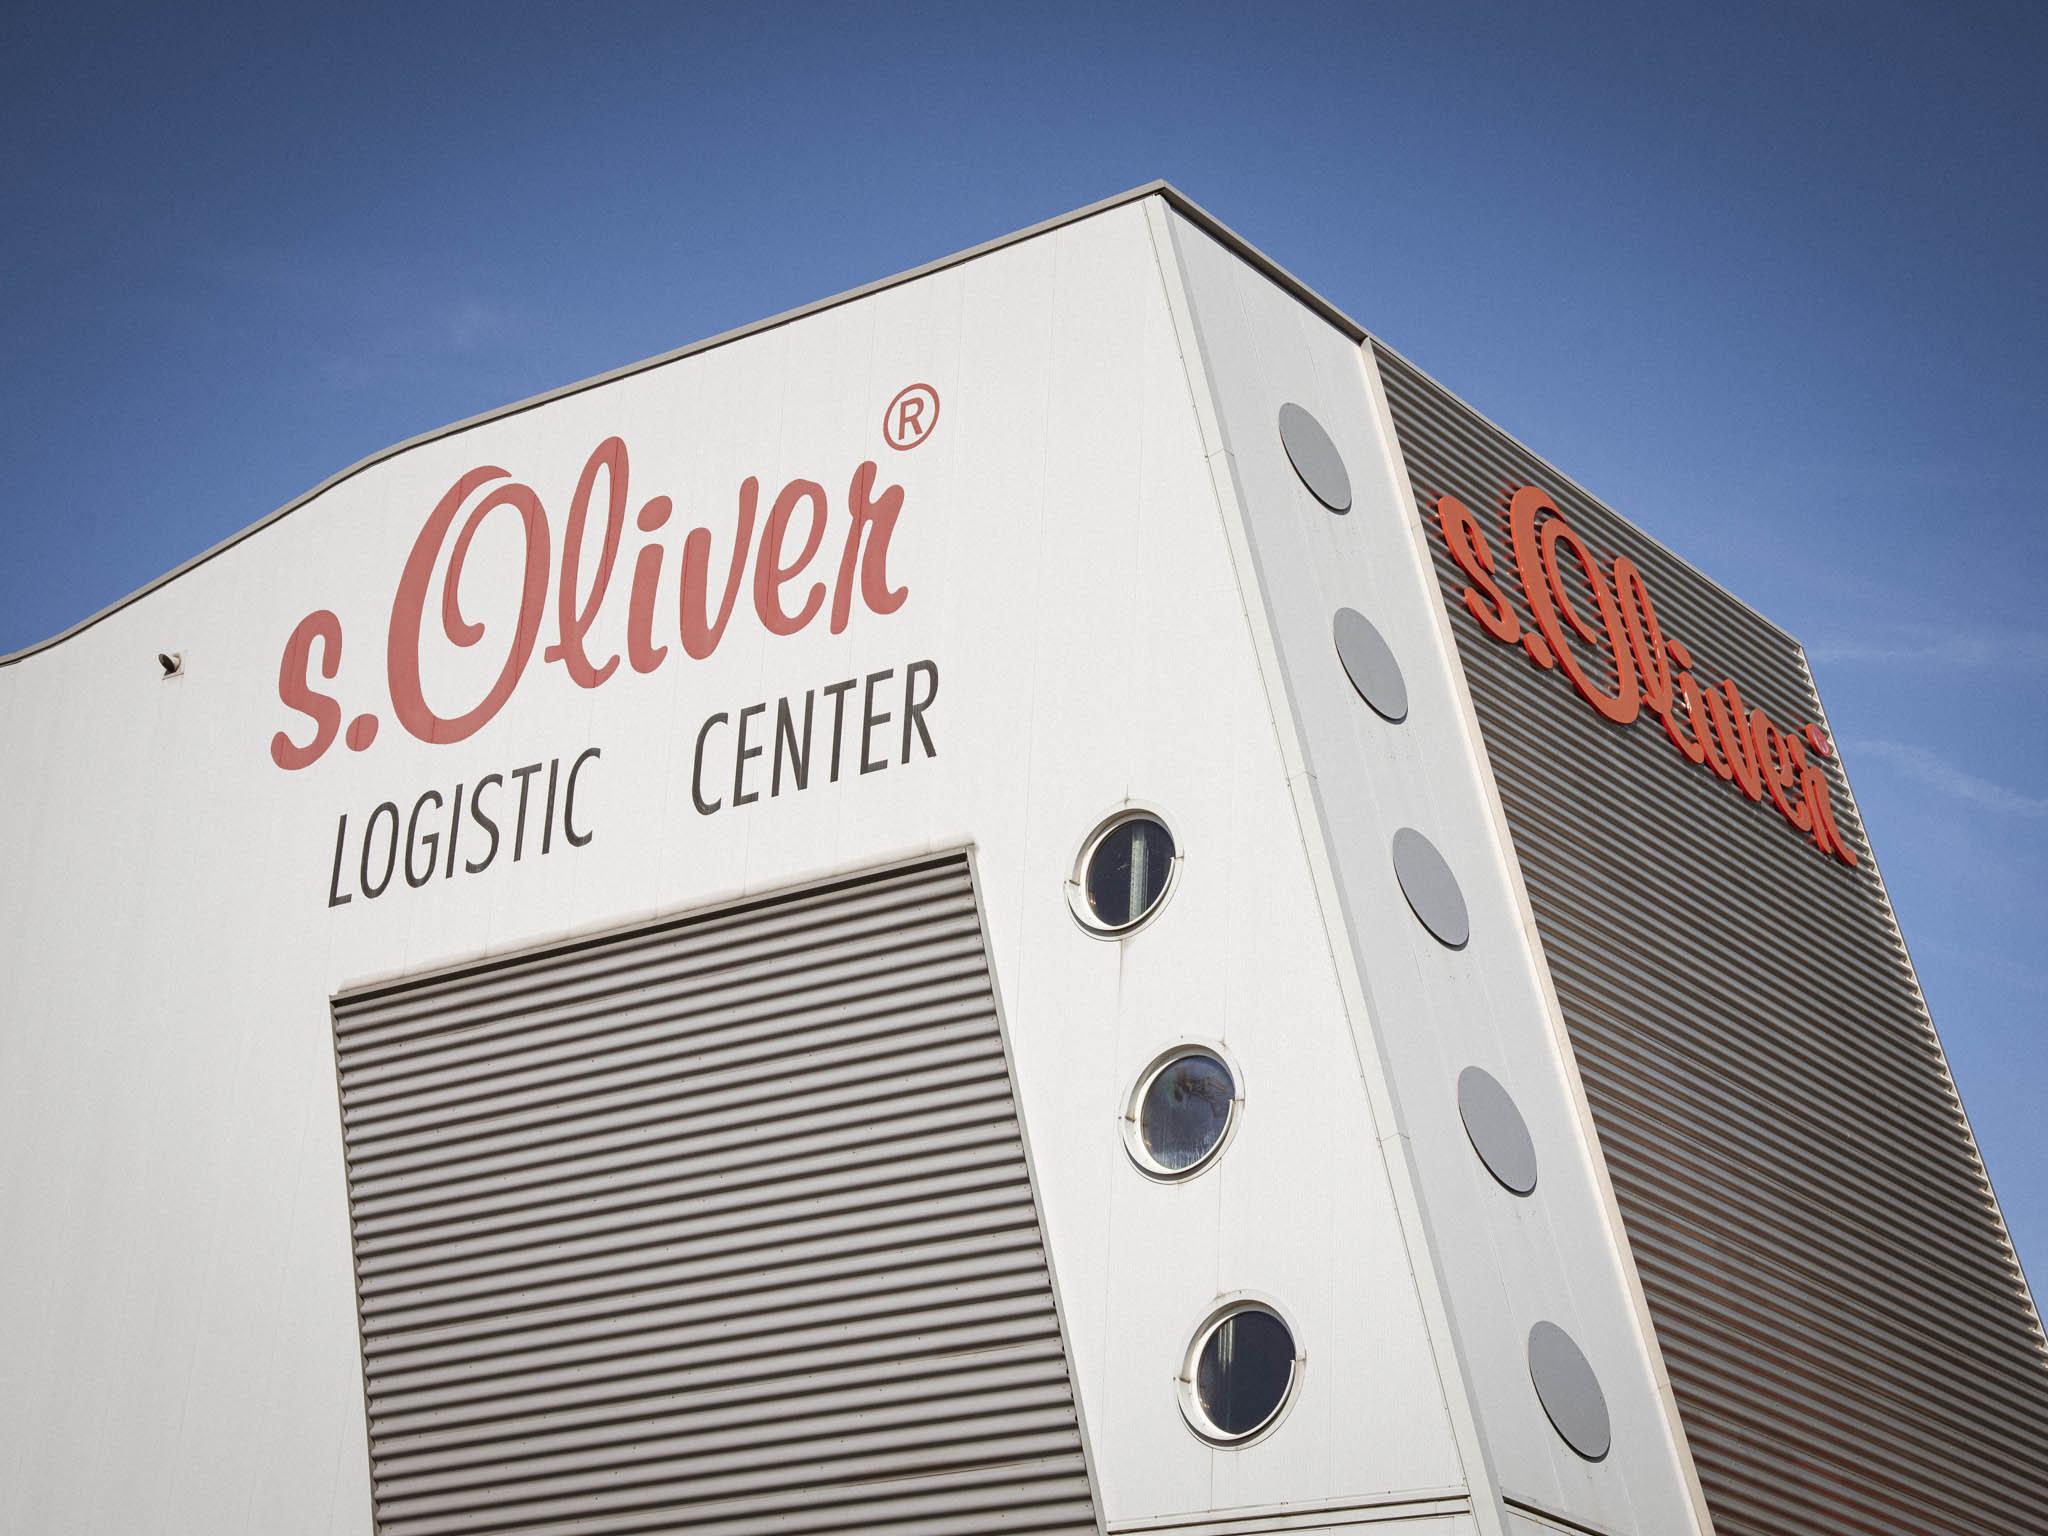 Das s.Oliver Logistic Center in Rottendorf. Foto: Dominik Ziegler